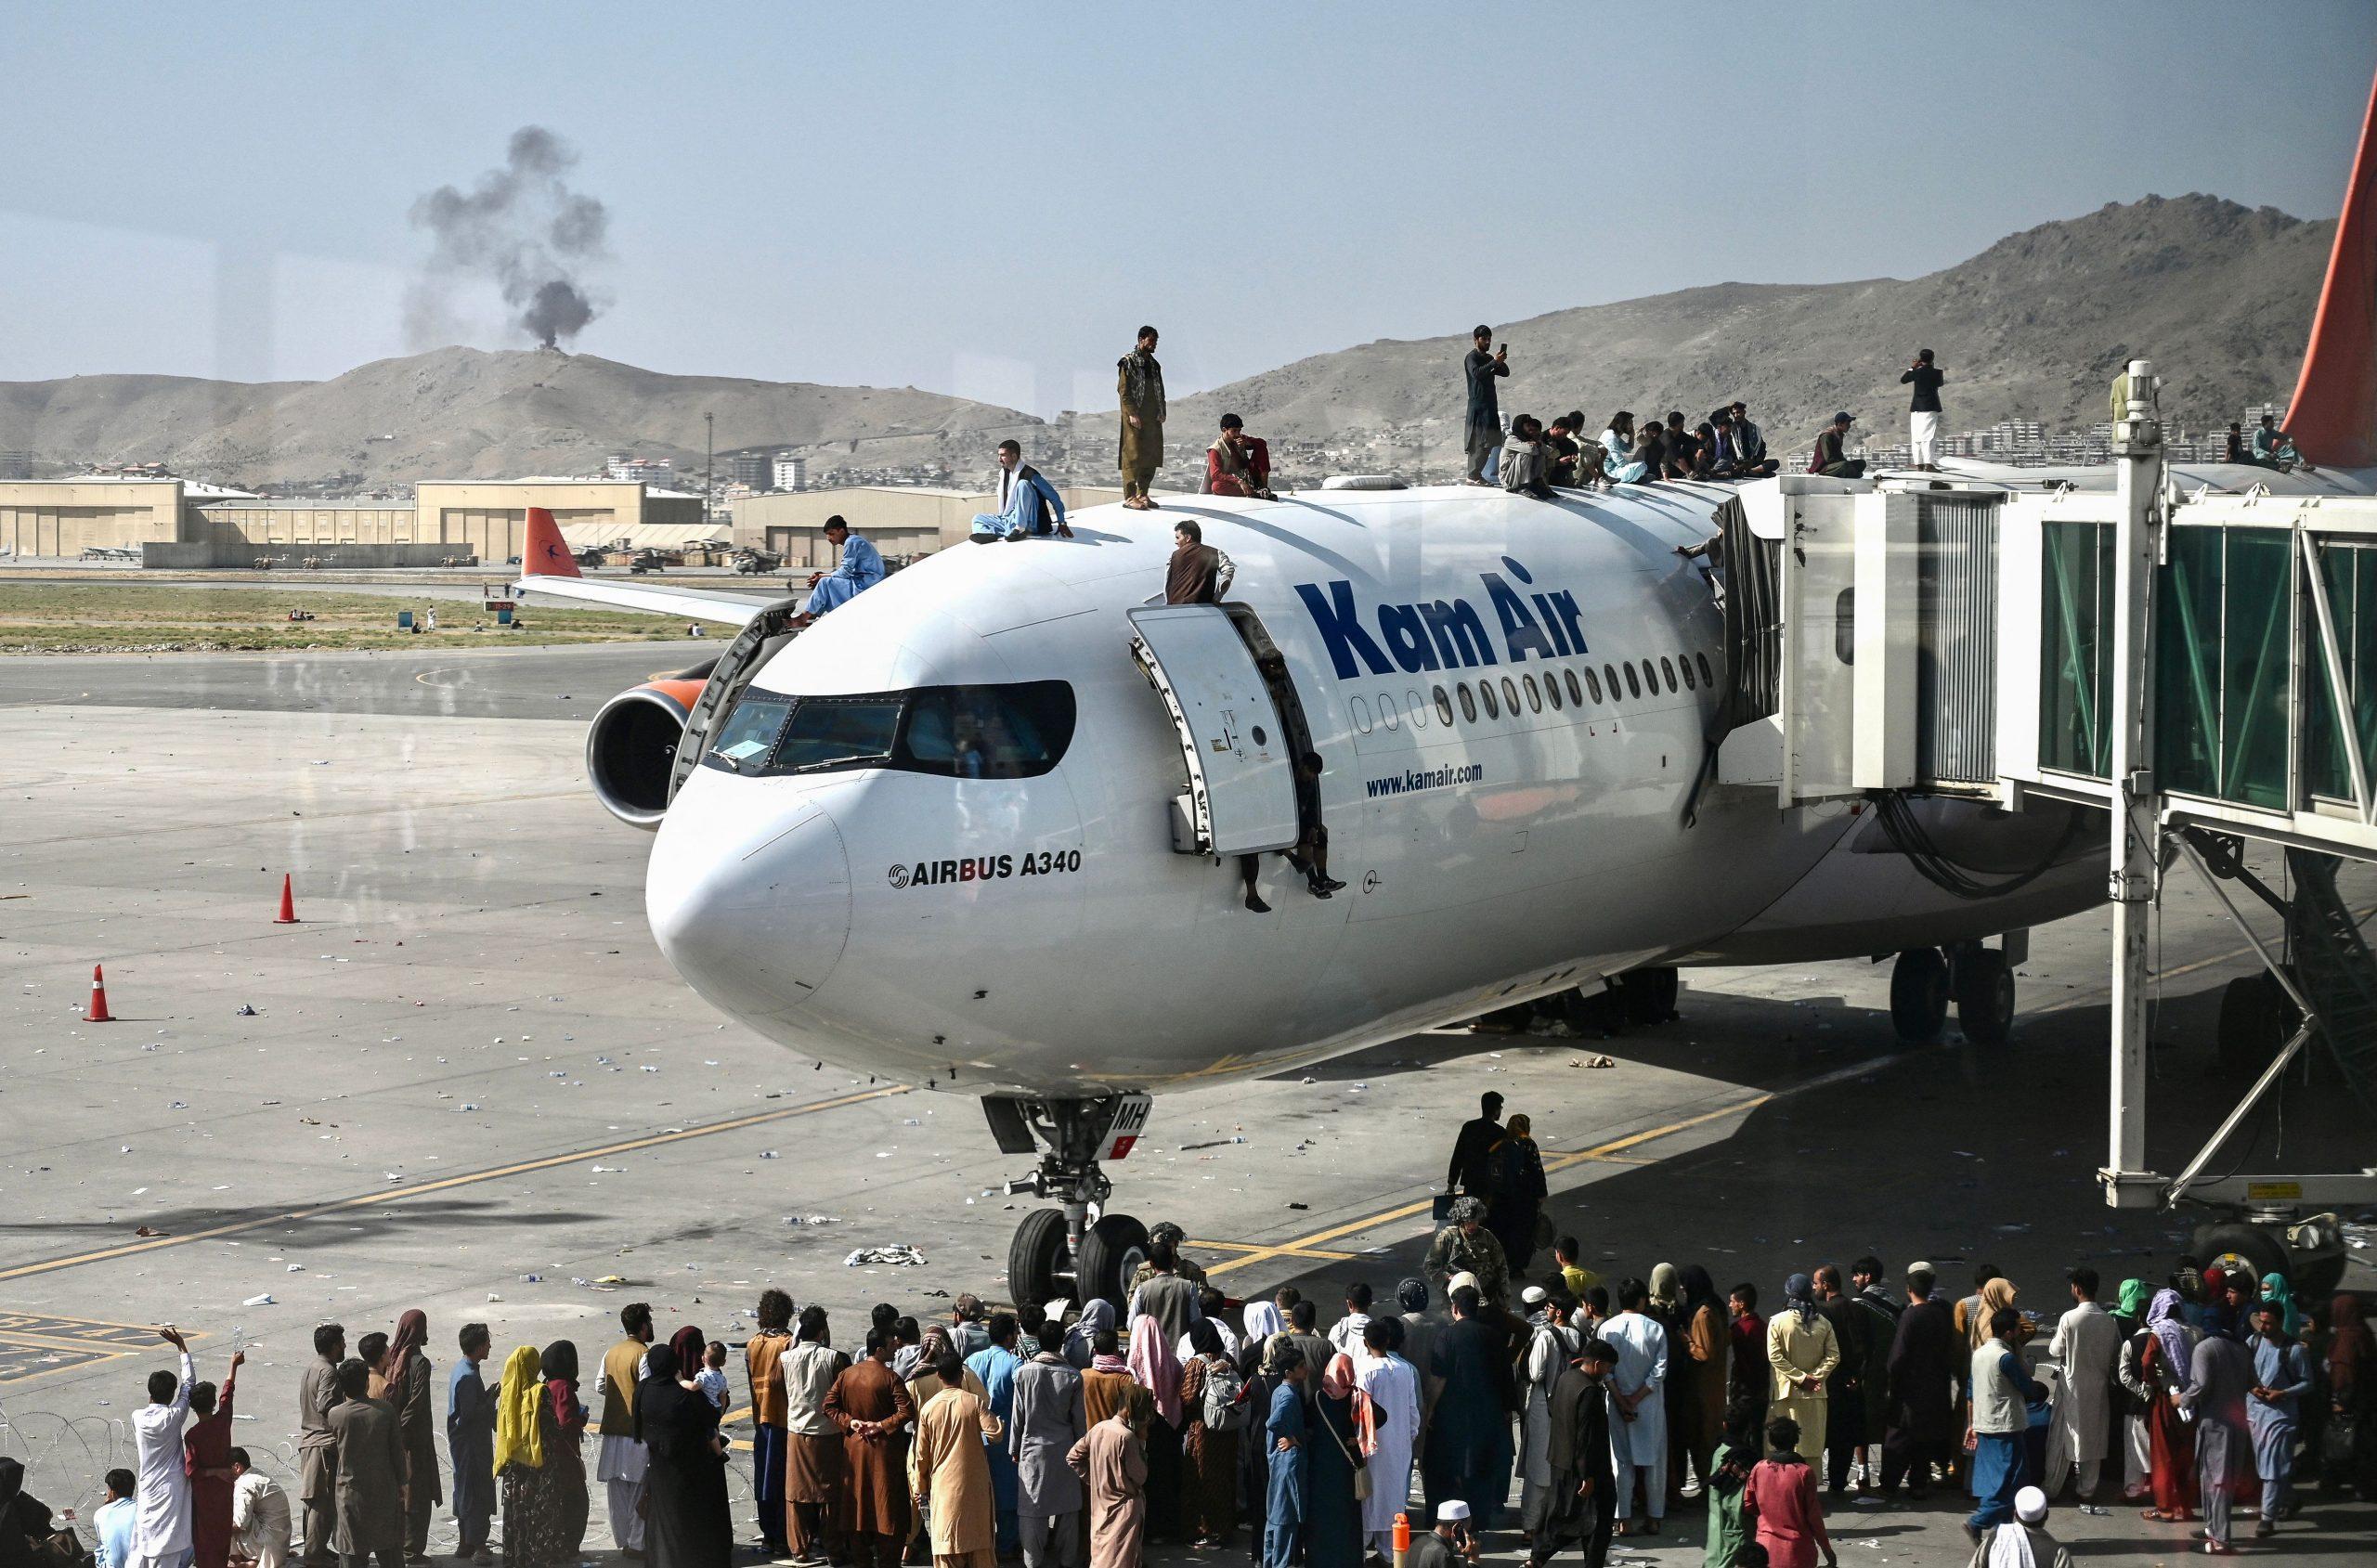 Verzweiflung auf dem Rollfeld – Afghanen klammern sich an aufsteigende Flugzeuge